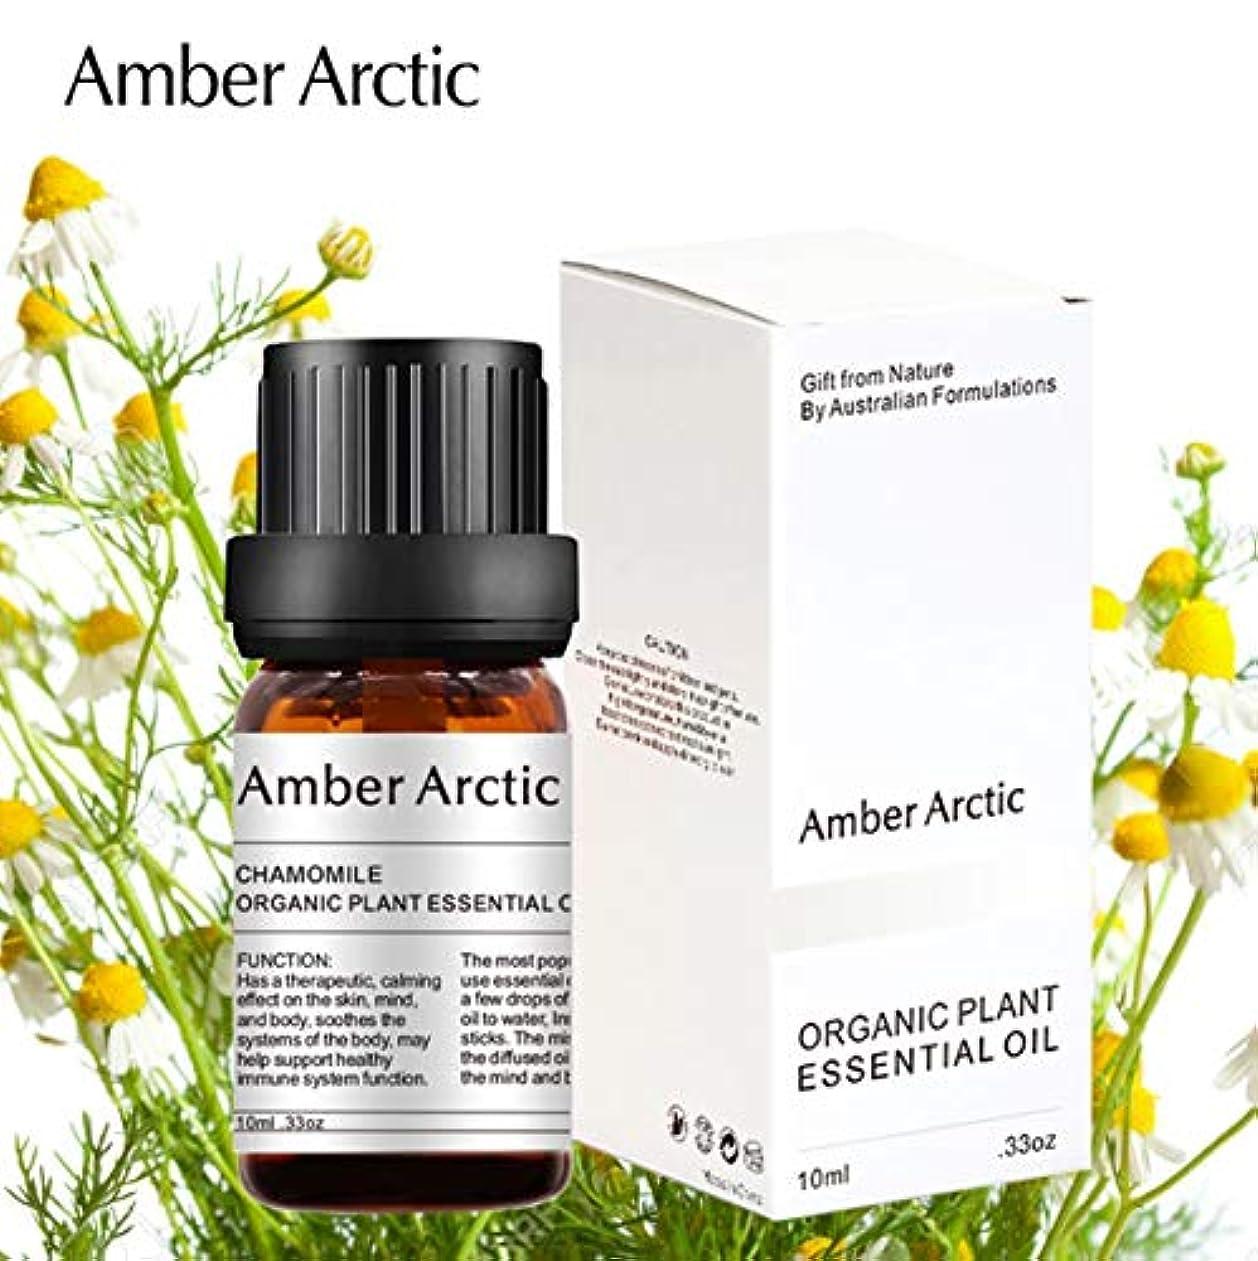 手当公平な変わるAmber Arctic カモミール エッセンシャル オイル、100% ピュア 天然 アロマテラピー カモミール オイル スプレッド 用 (10ML) カモミール